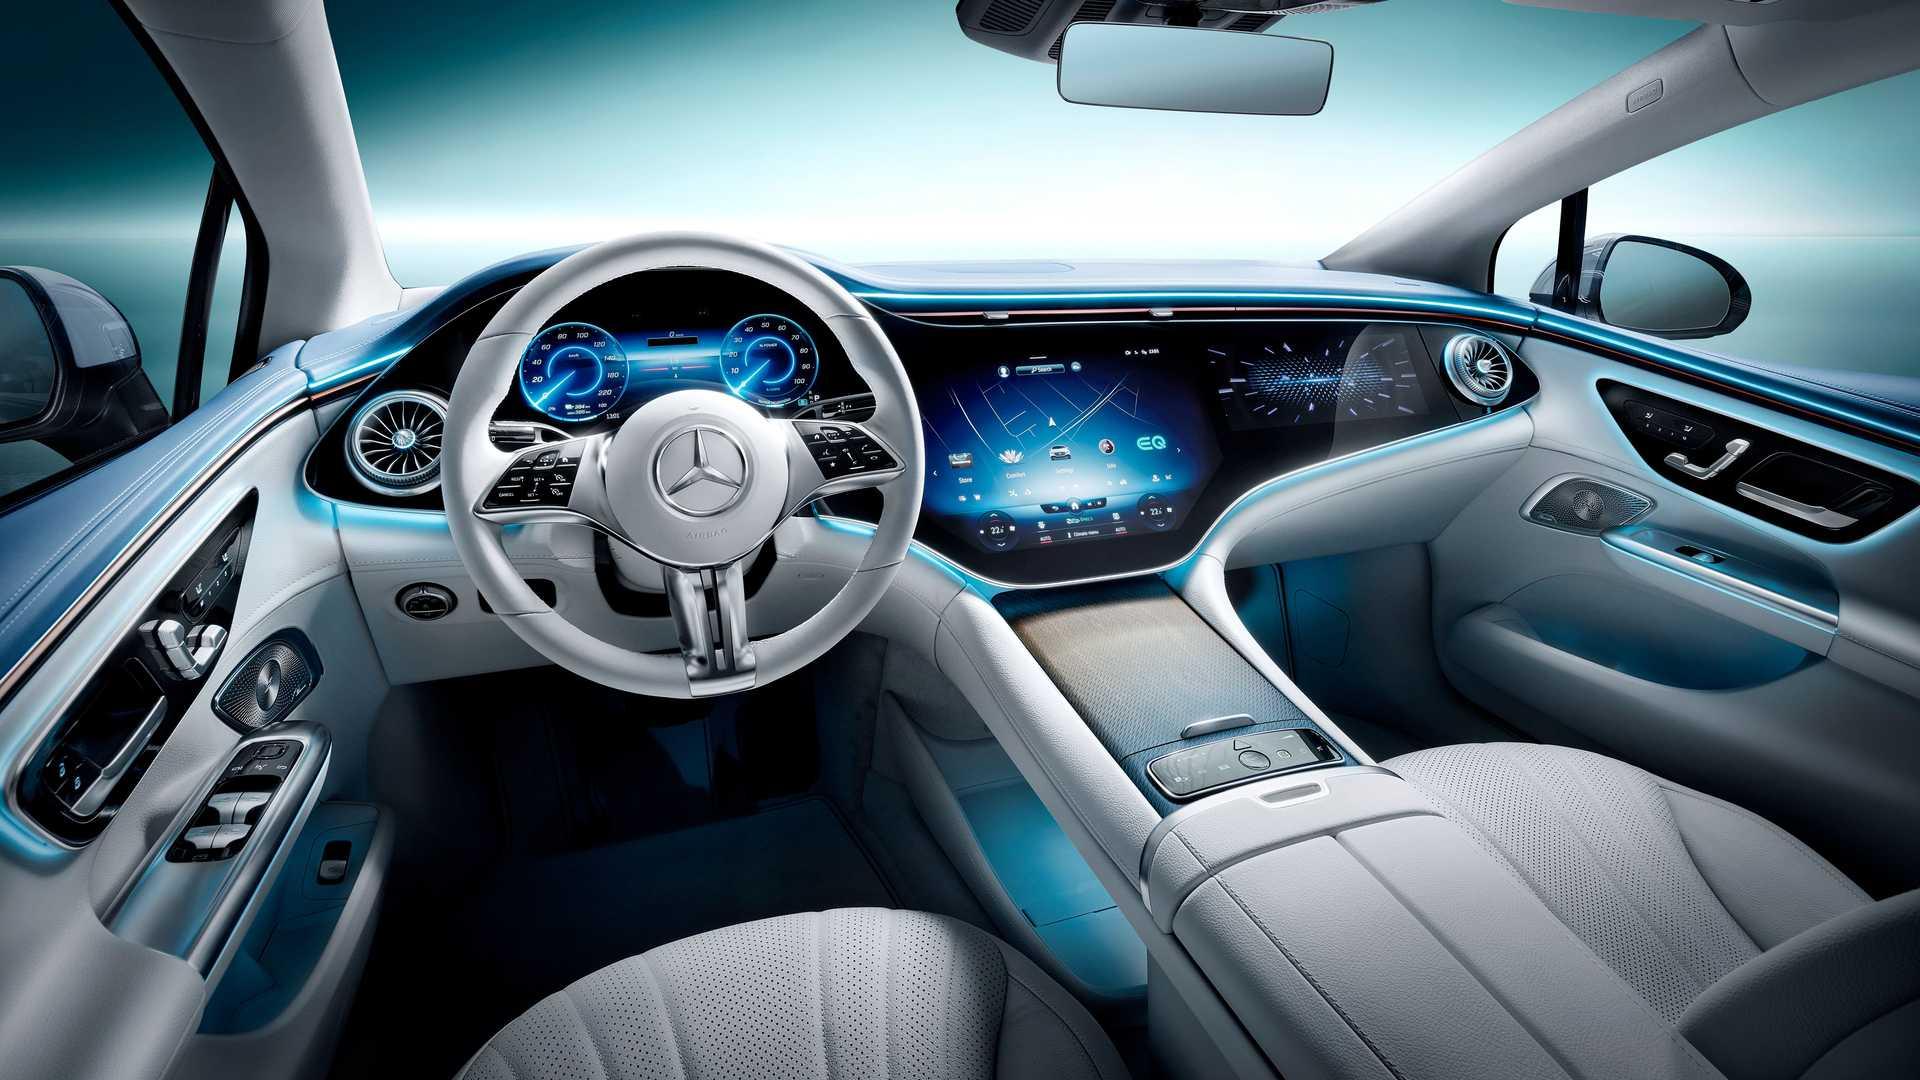 2023-mercedes-benz-eqe-350-interior.jpeg